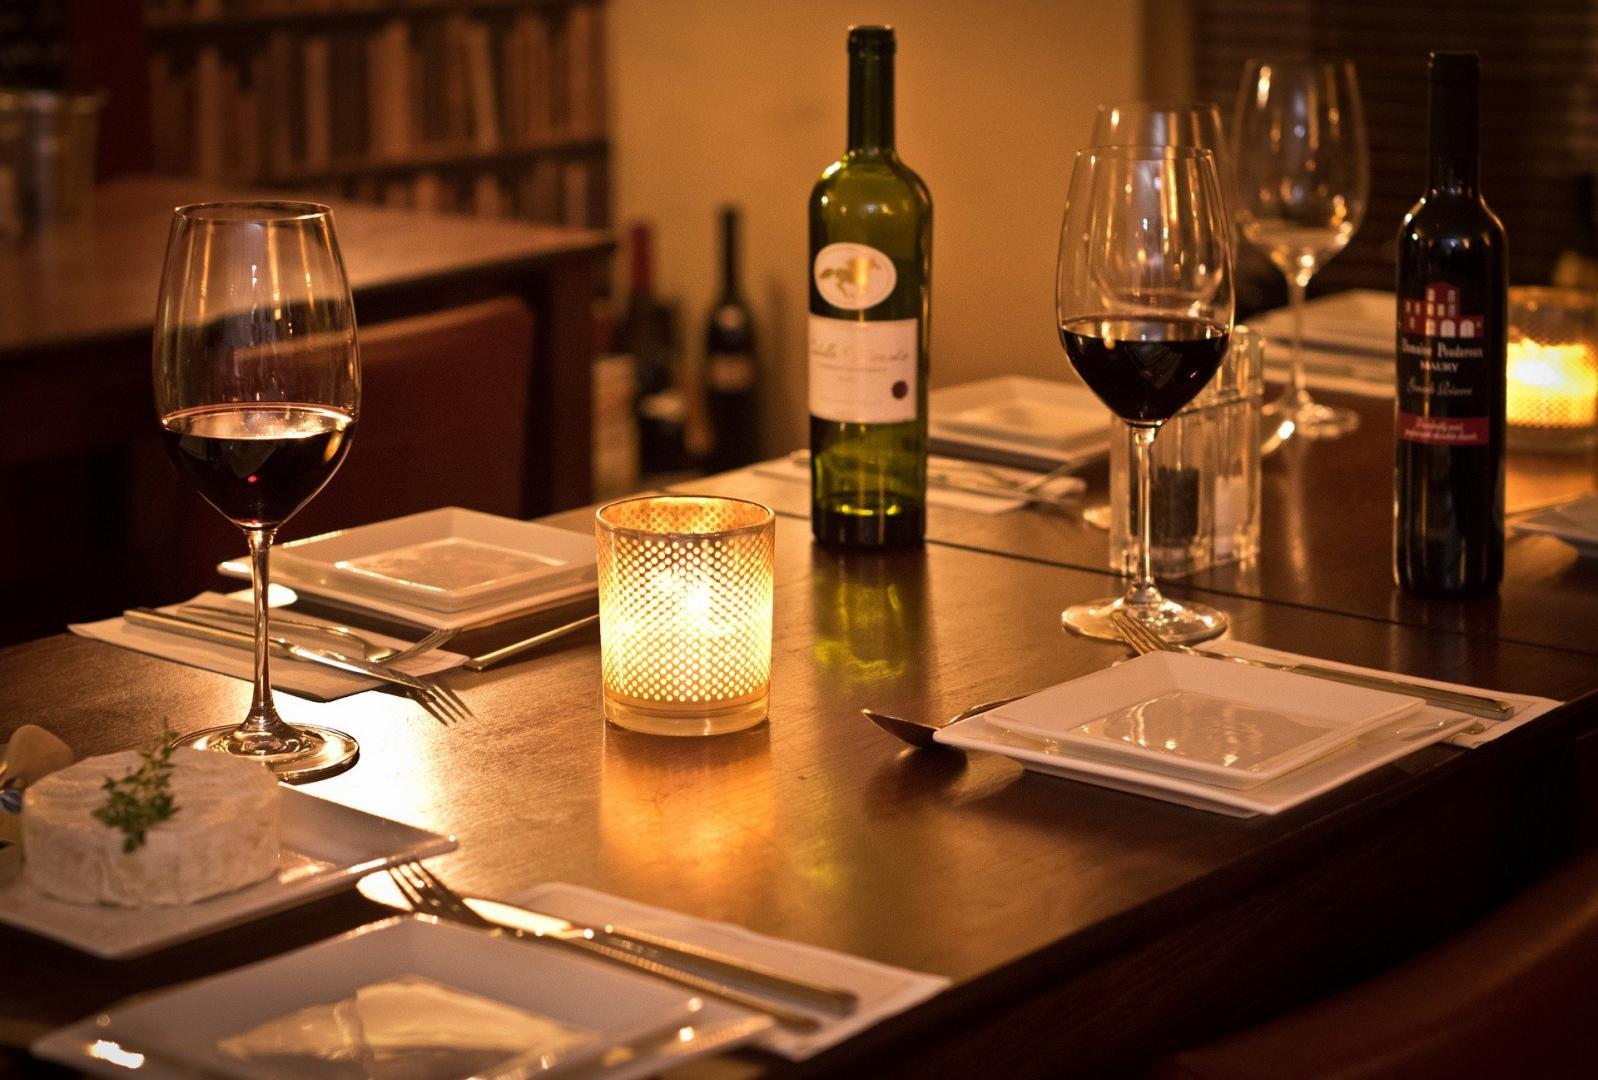 Im Bistro Gedeckter Tisch mit Wein und Kerzenlicht